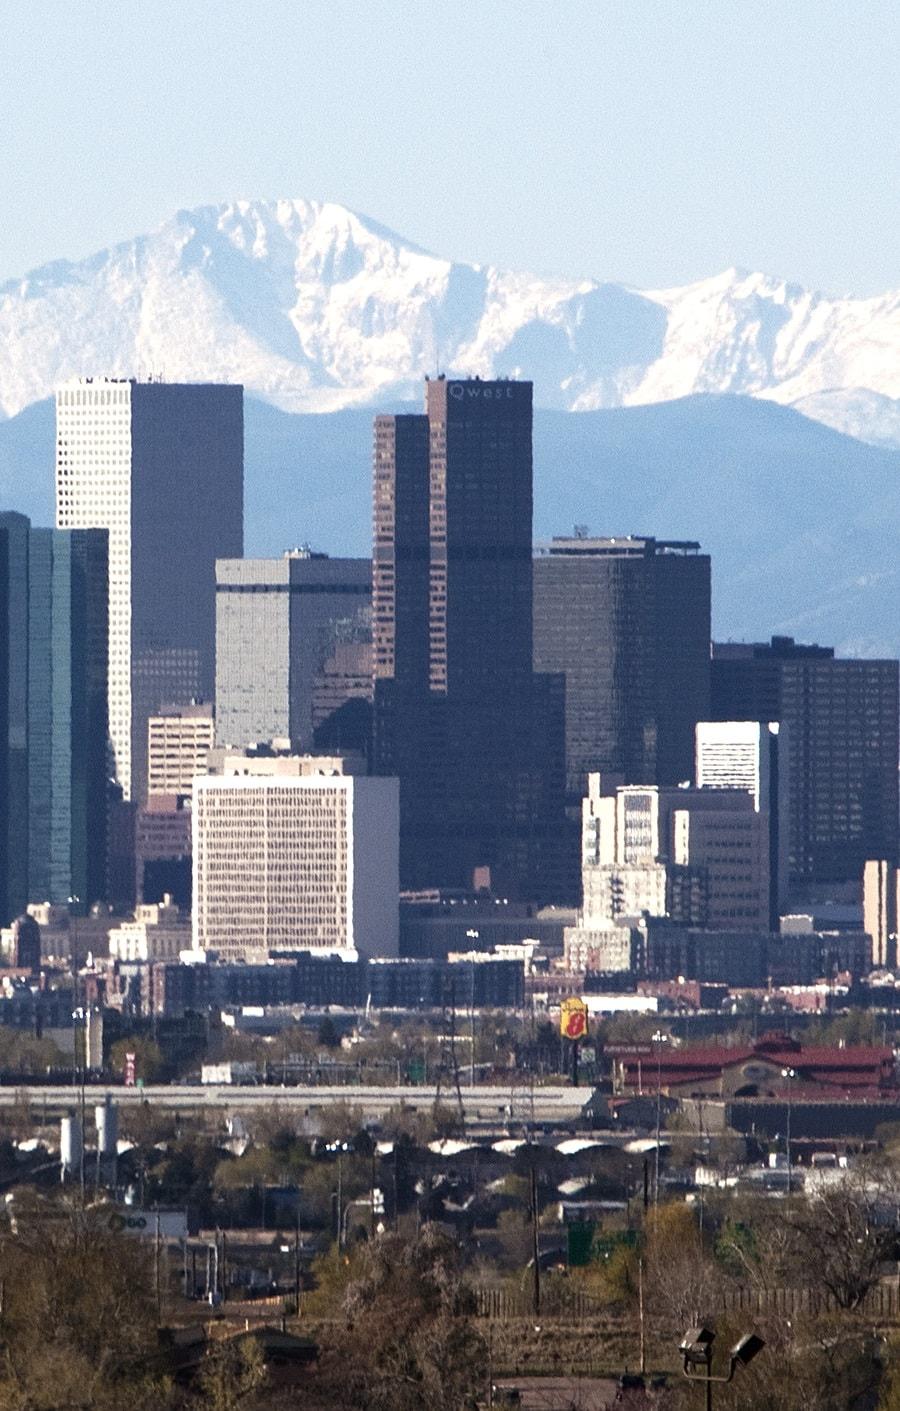 Denver For mobile